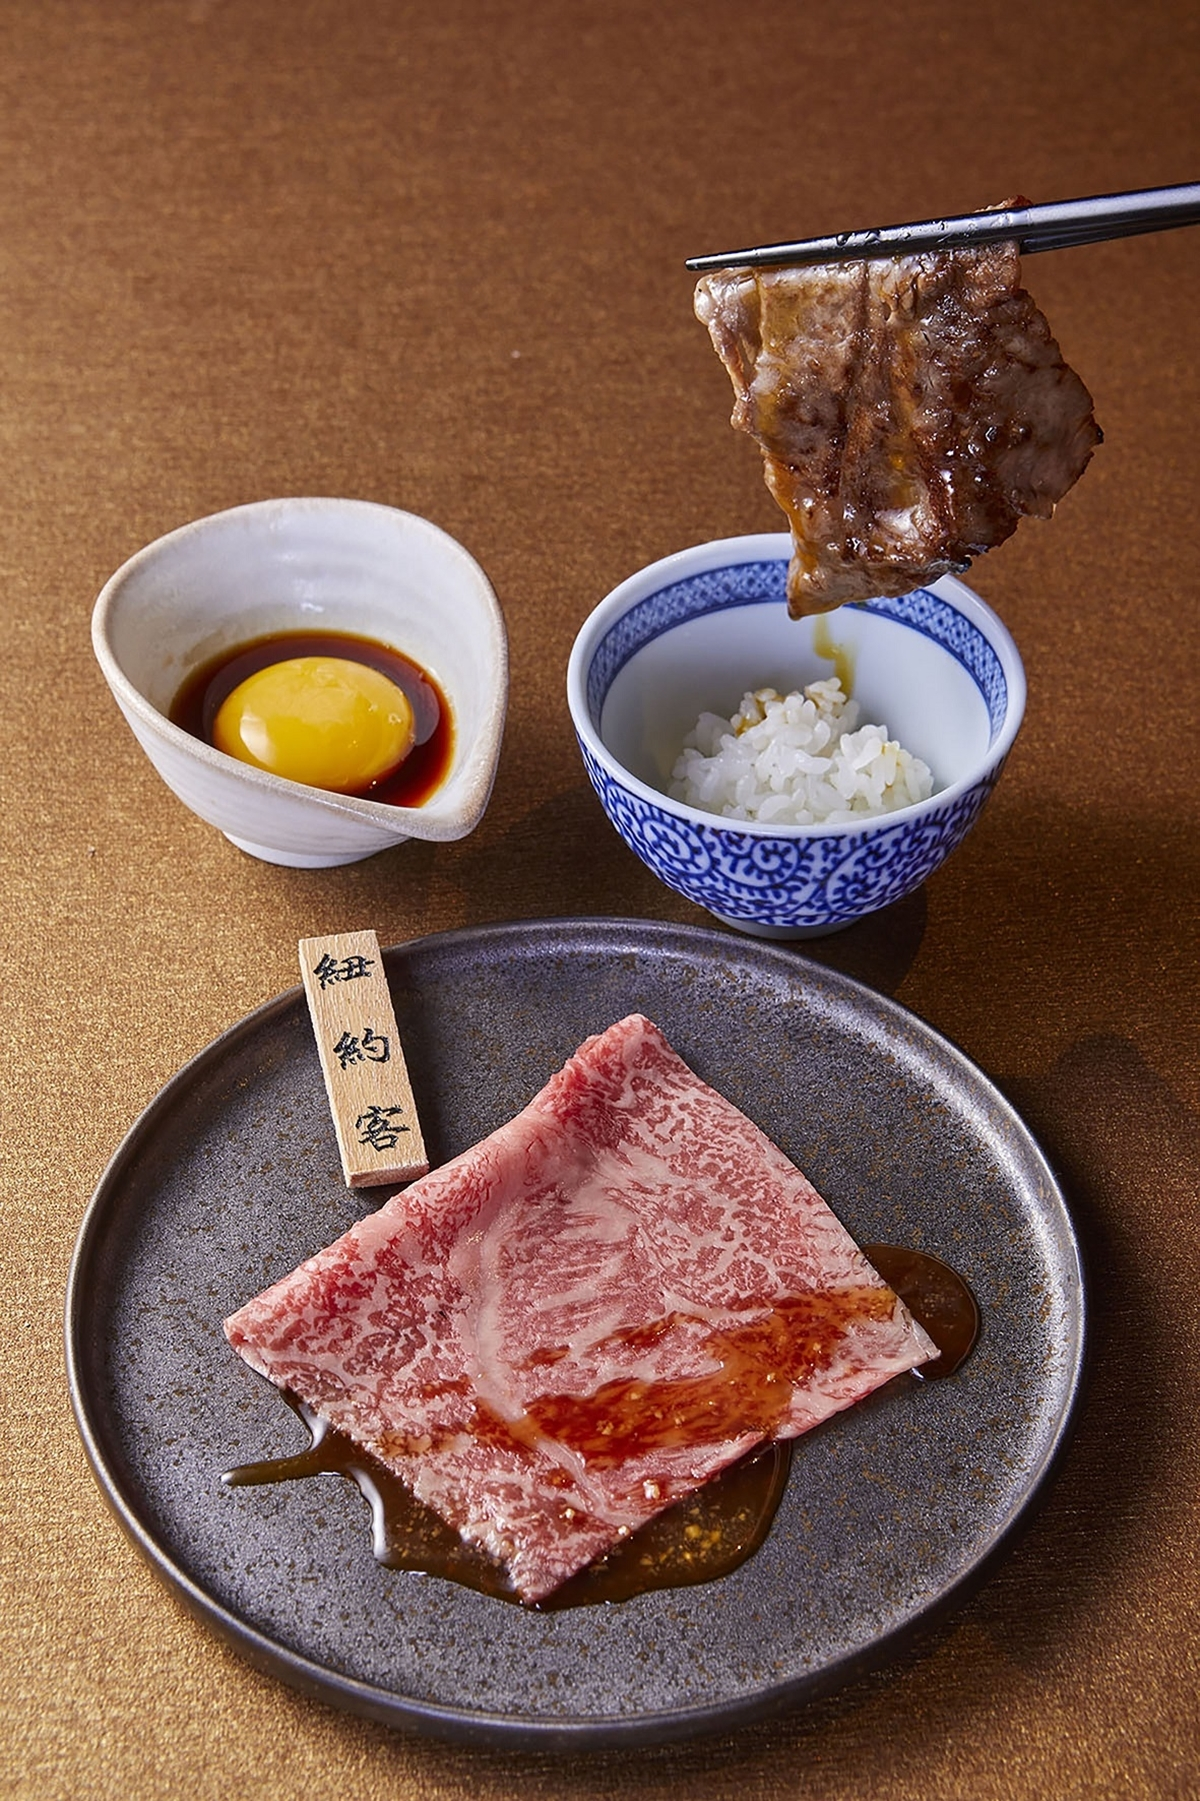 A5和牛x魚子醬超奢華!全台最高燒肉餐廳「和牛47」奢華開幕,特選食材、浪漫景觀,燒肉控快搶訂